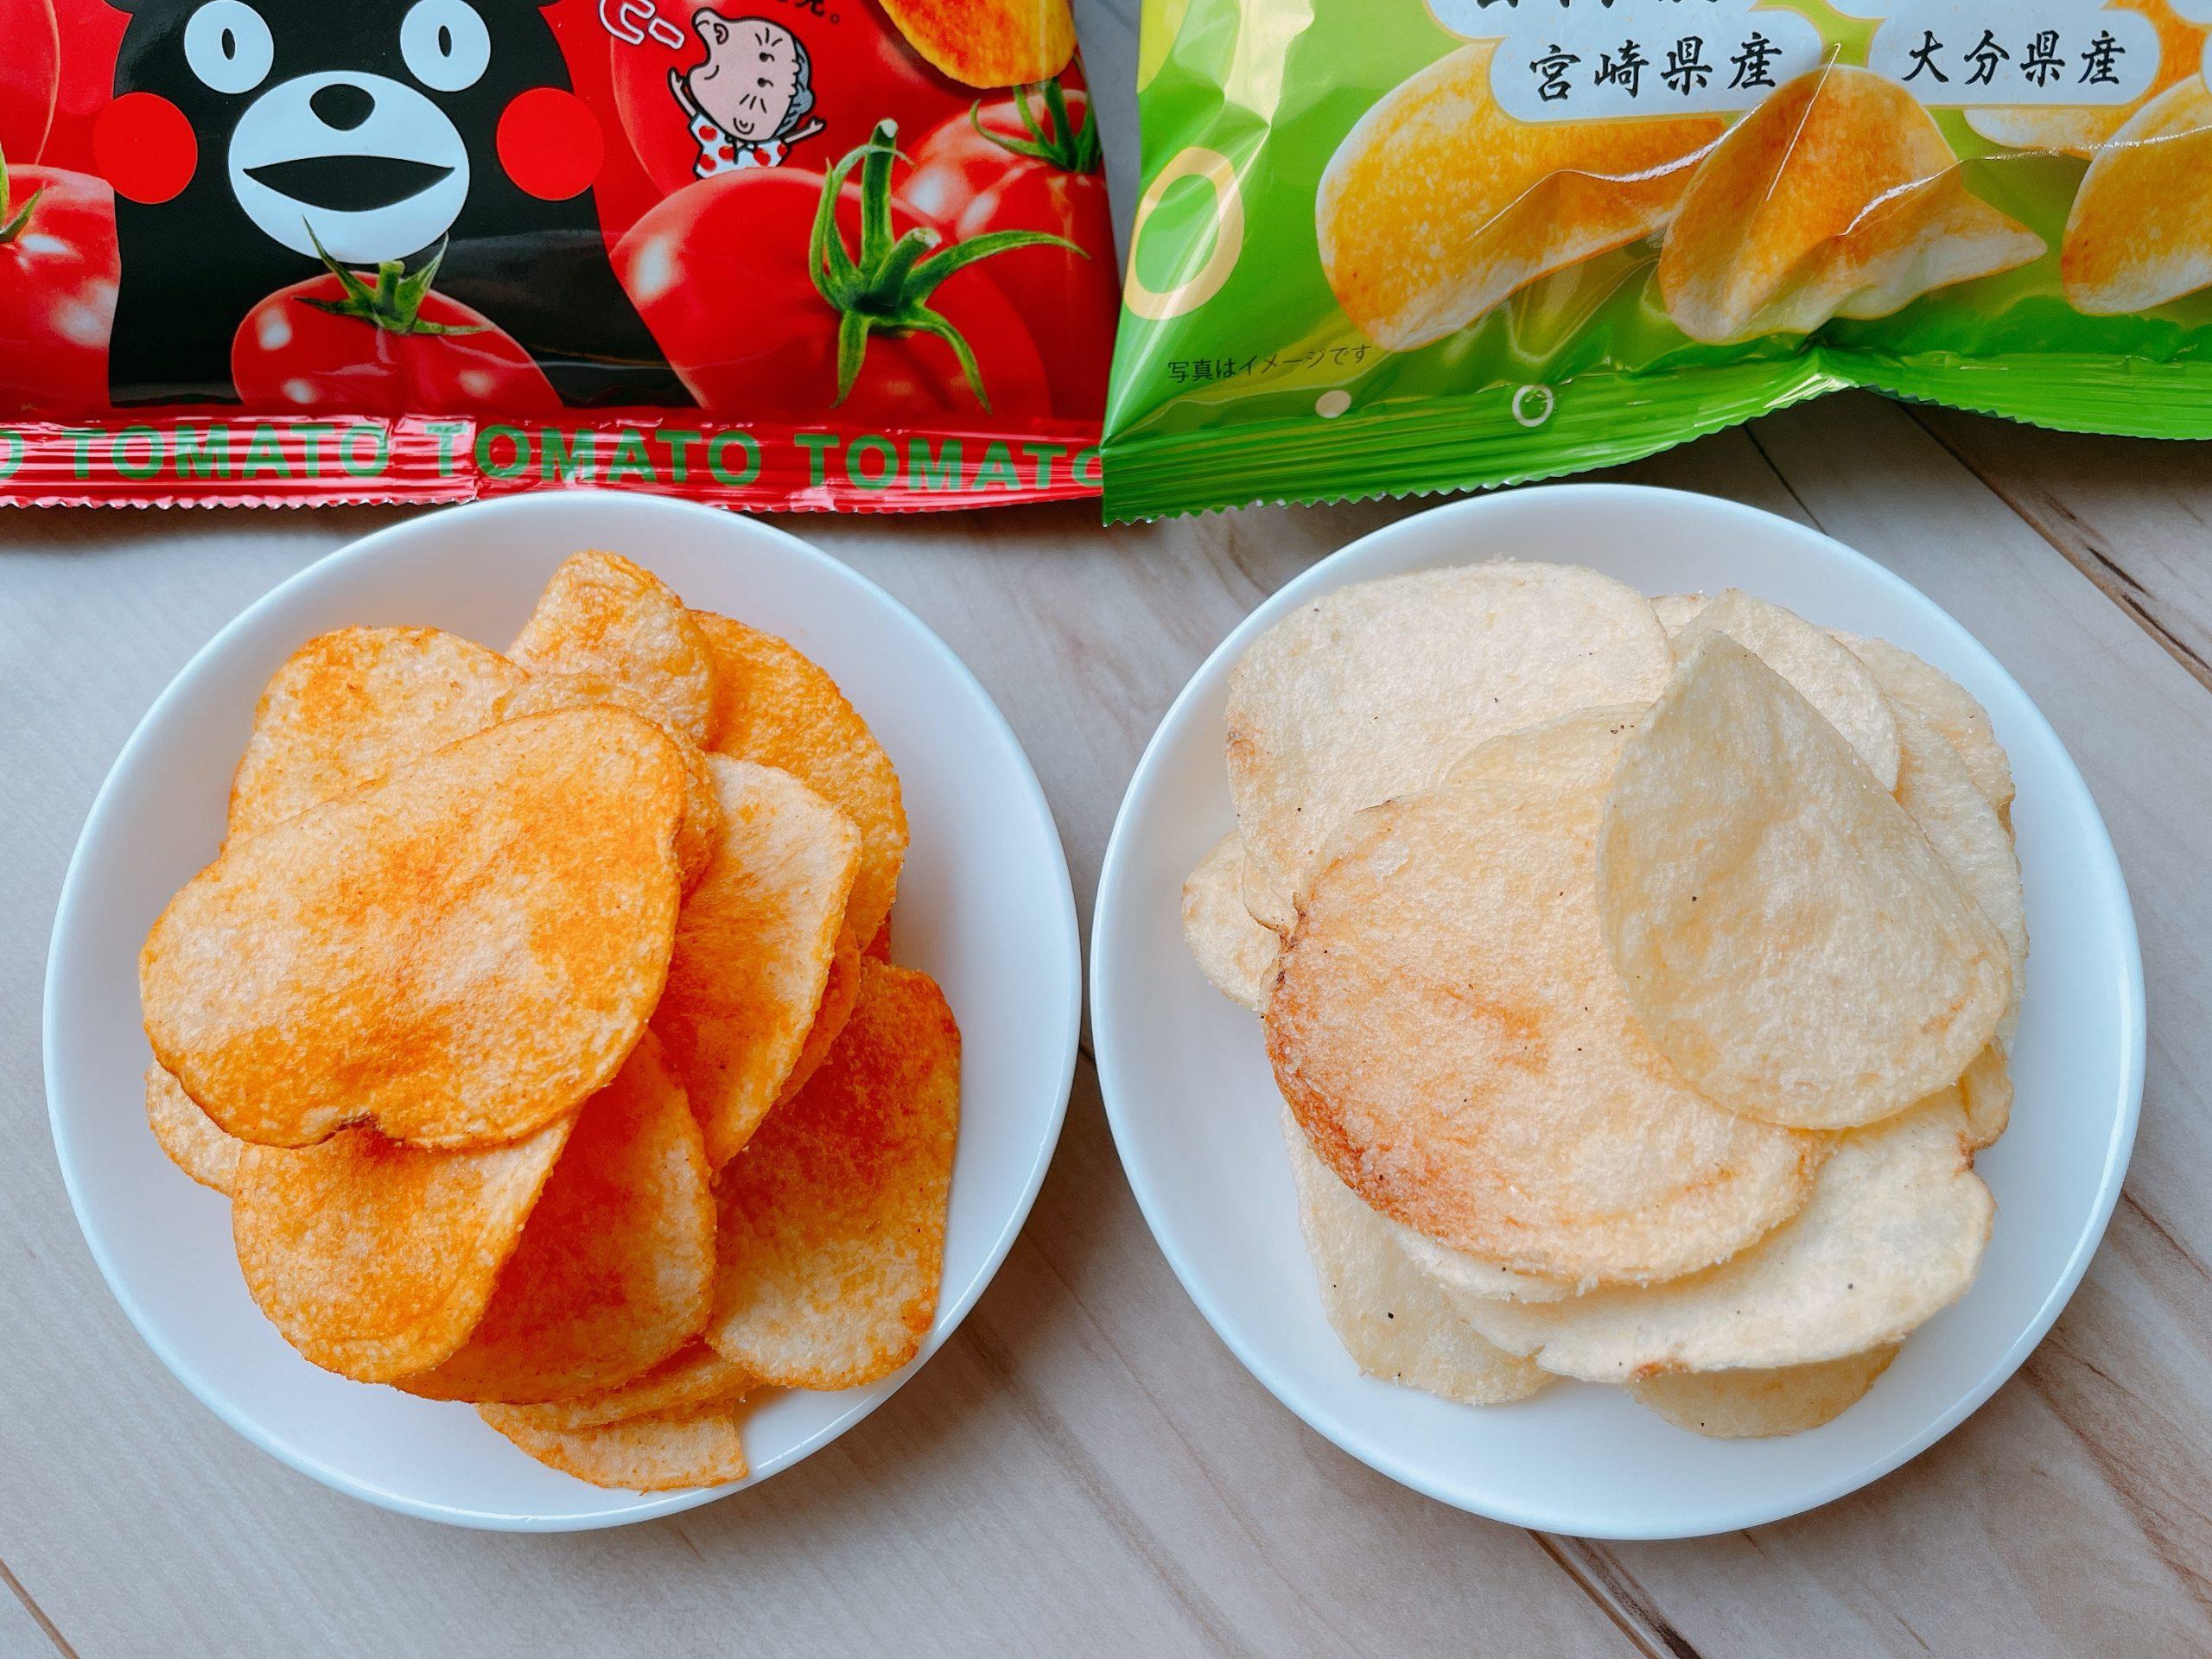 九州すっぱムーチョ<九州柑橘&ビネガー>と九州カラムーチョ<甘辛チリトマト>を同時に食べると、九州カラムーチョの味が、非常にまろやかに